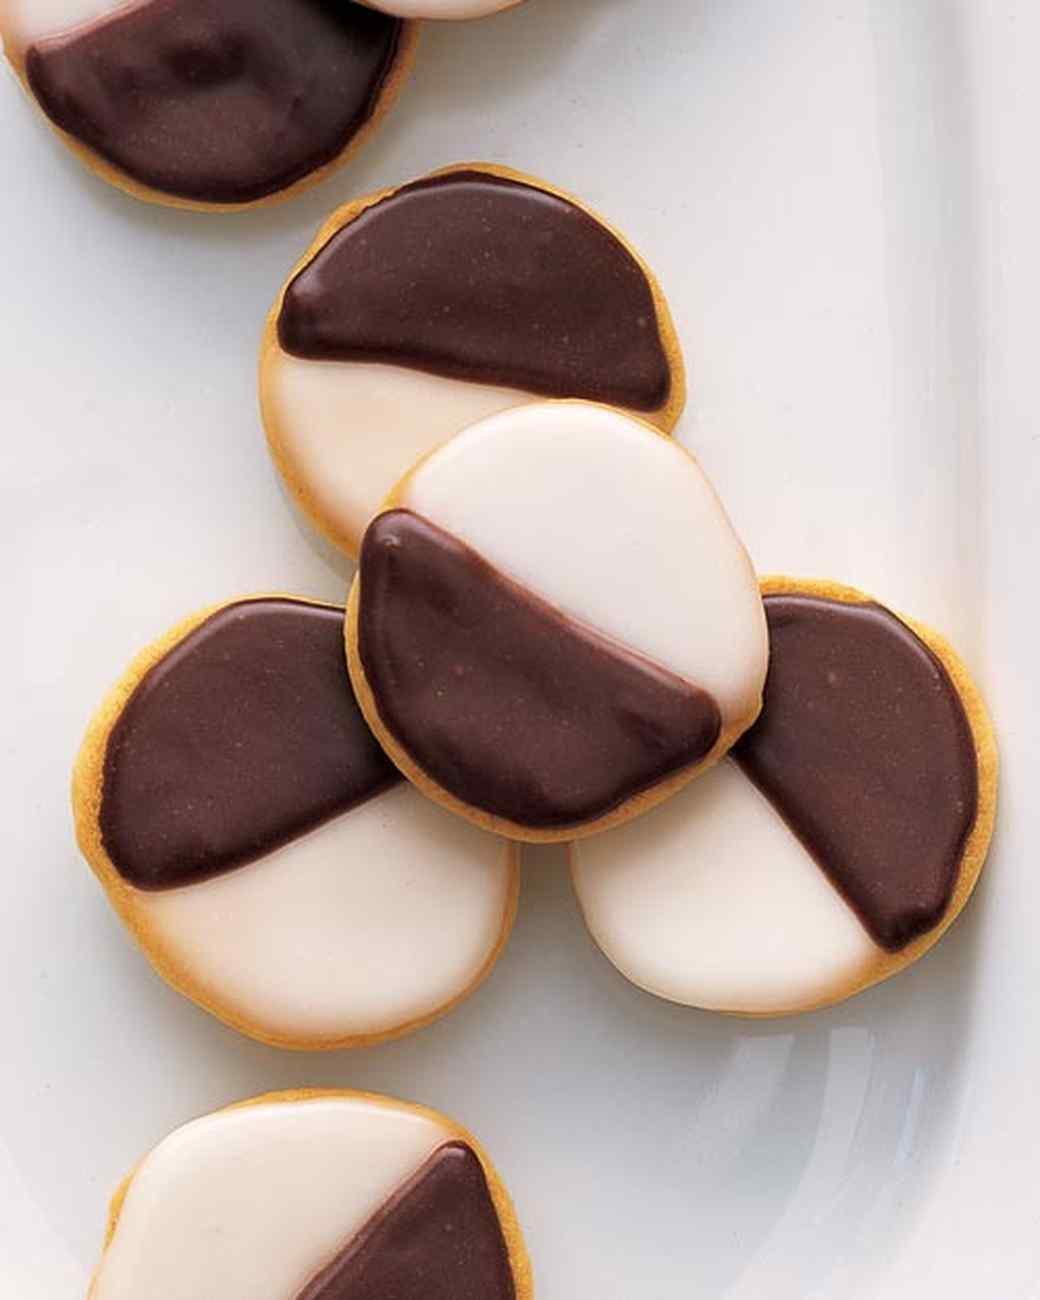 Mini Black-and-White Cookies